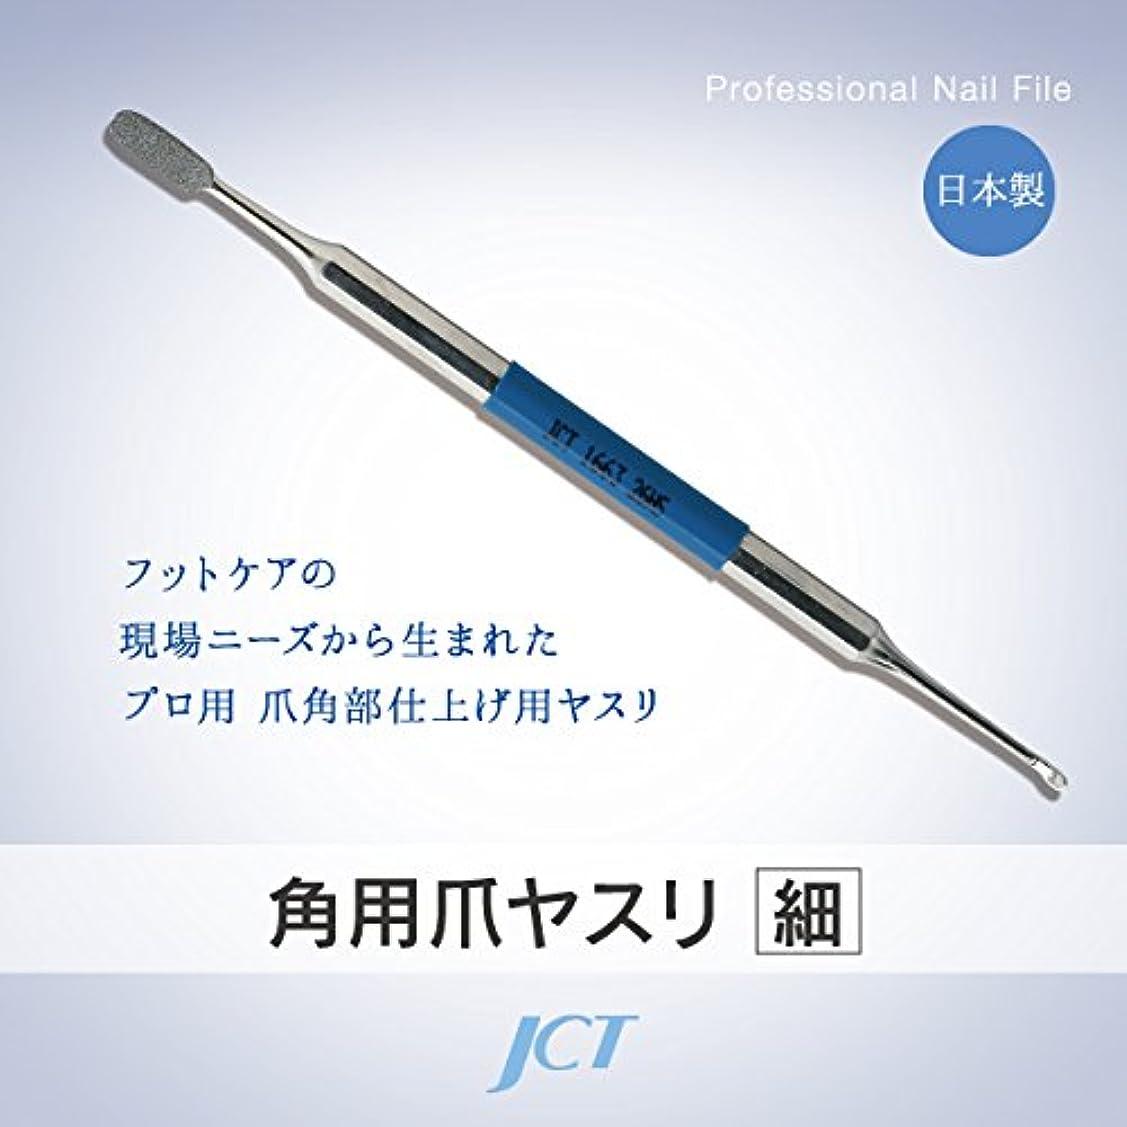 テストグロー企業JCT メディカル フットケア ダイヤモンド角用爪ヤスリ(細) 滅菌可 日本製 1年間保証付